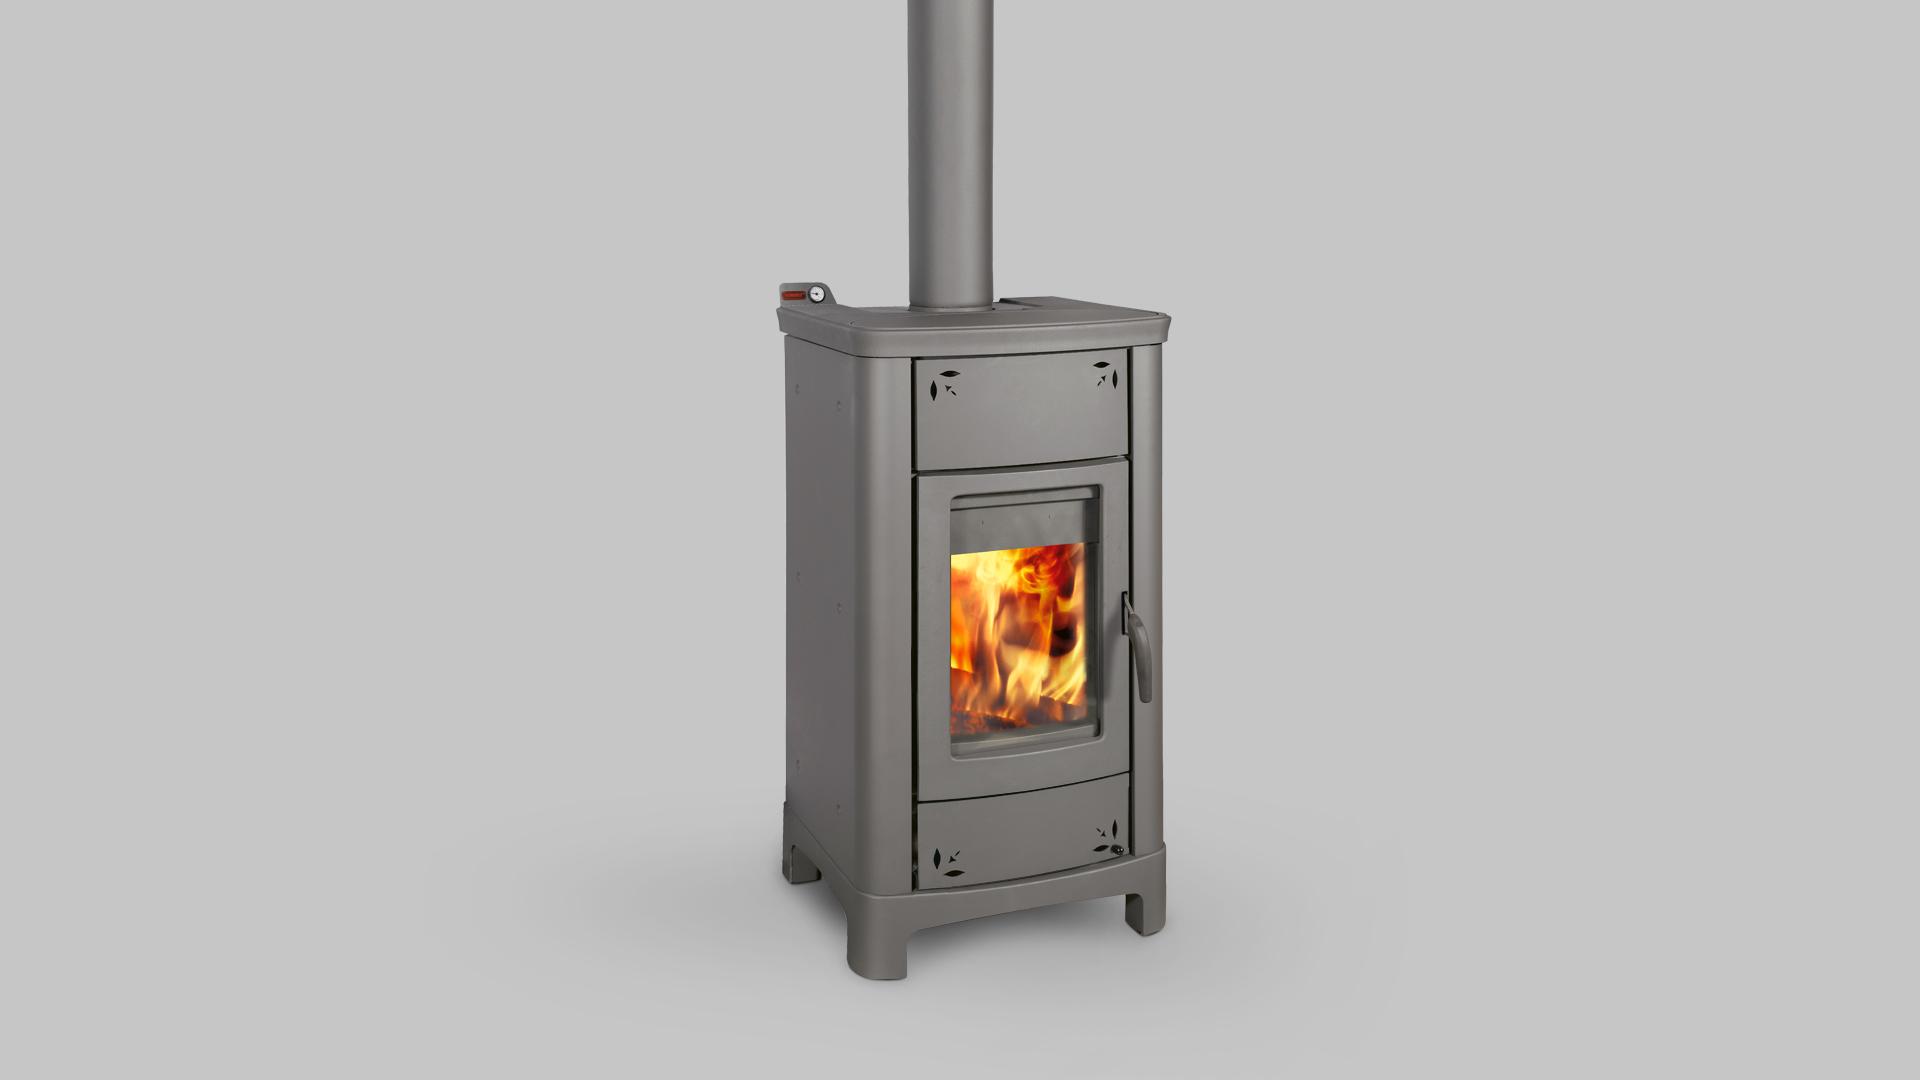 Termostufa a legna thermorossi modello ardhea easy 30 7 kw - Stufe a legna occasione ...